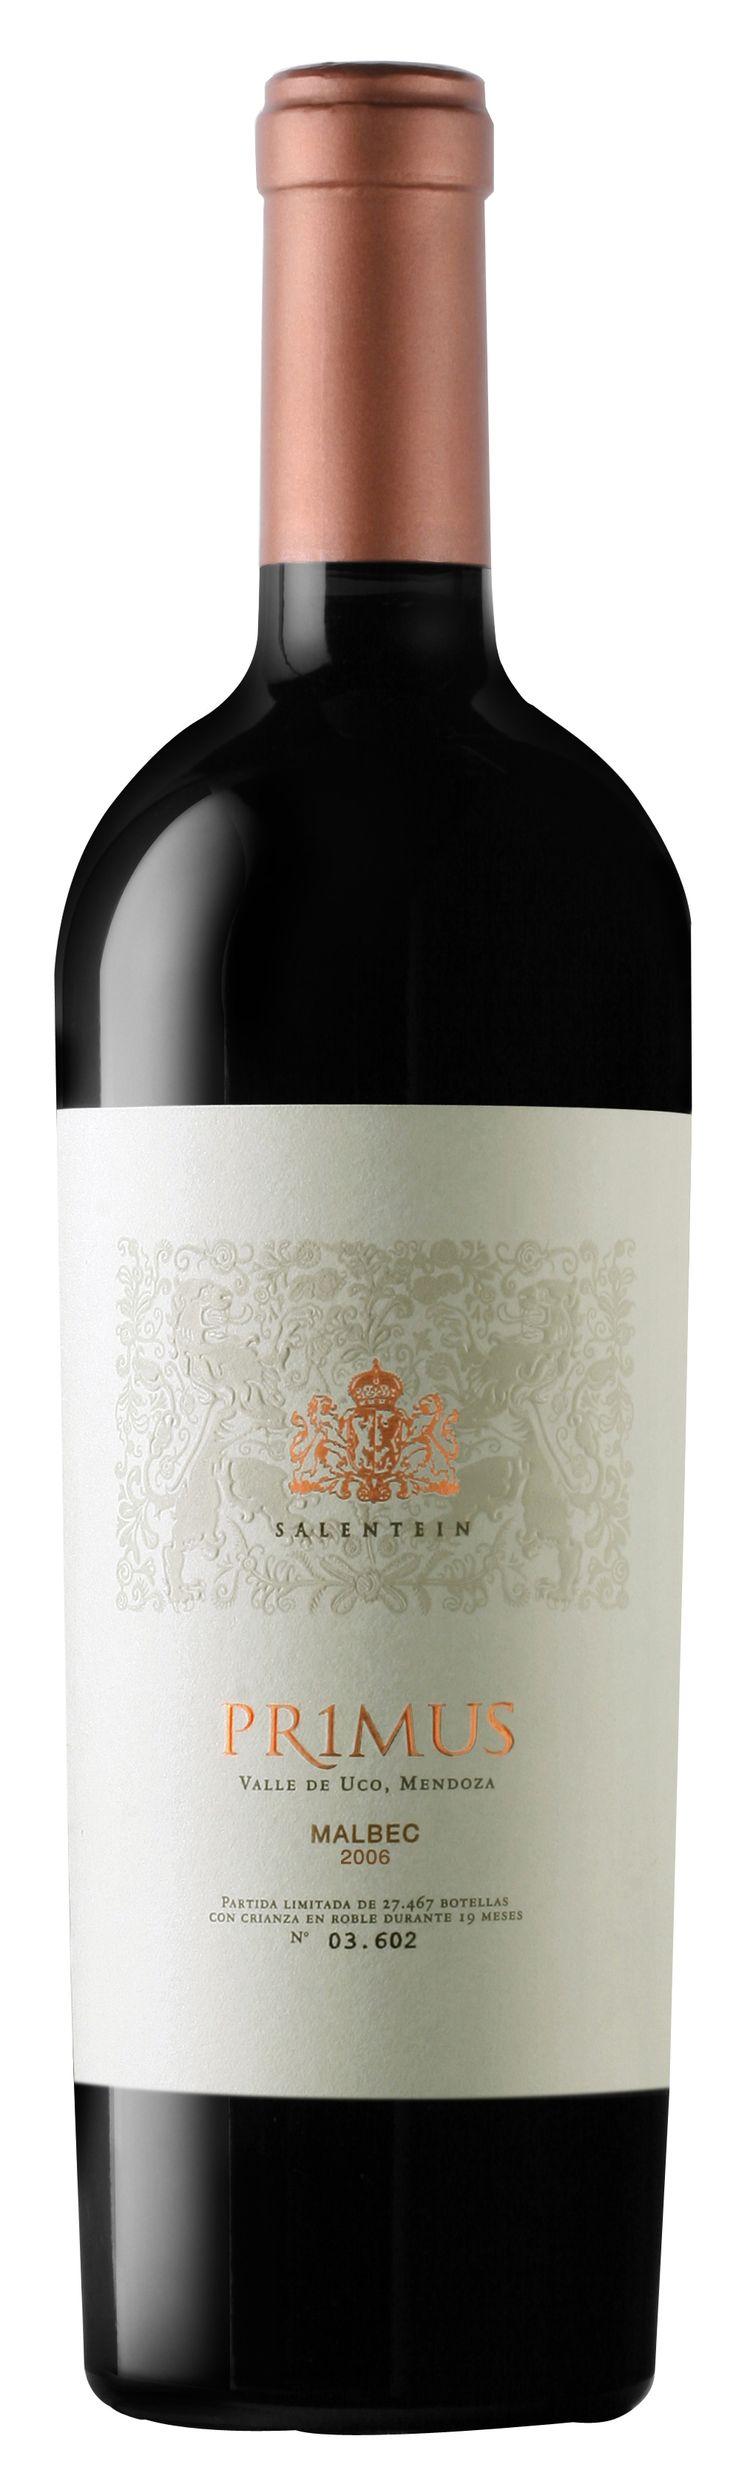 Salentein Primus Malbec 2003. Mendoza.  wine / vino mxm